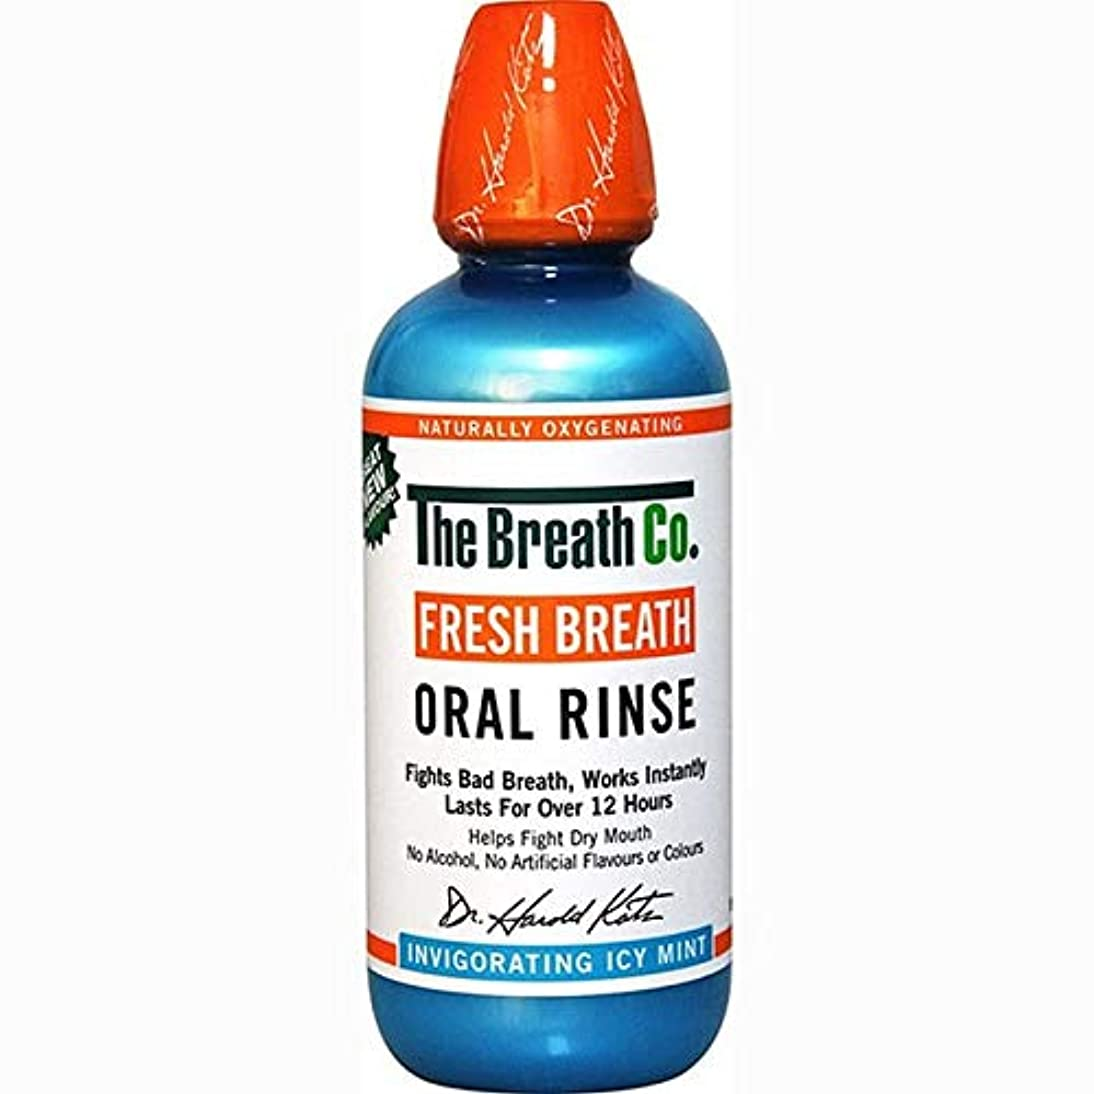 大人肥満手段[The Breath Co] 息のCo新鮮な息口腔リンス氷のミント500ミリリットル - The Breath Co Fresh Breath Oral Rinse Icy Mint 500ml [並行輸入品]